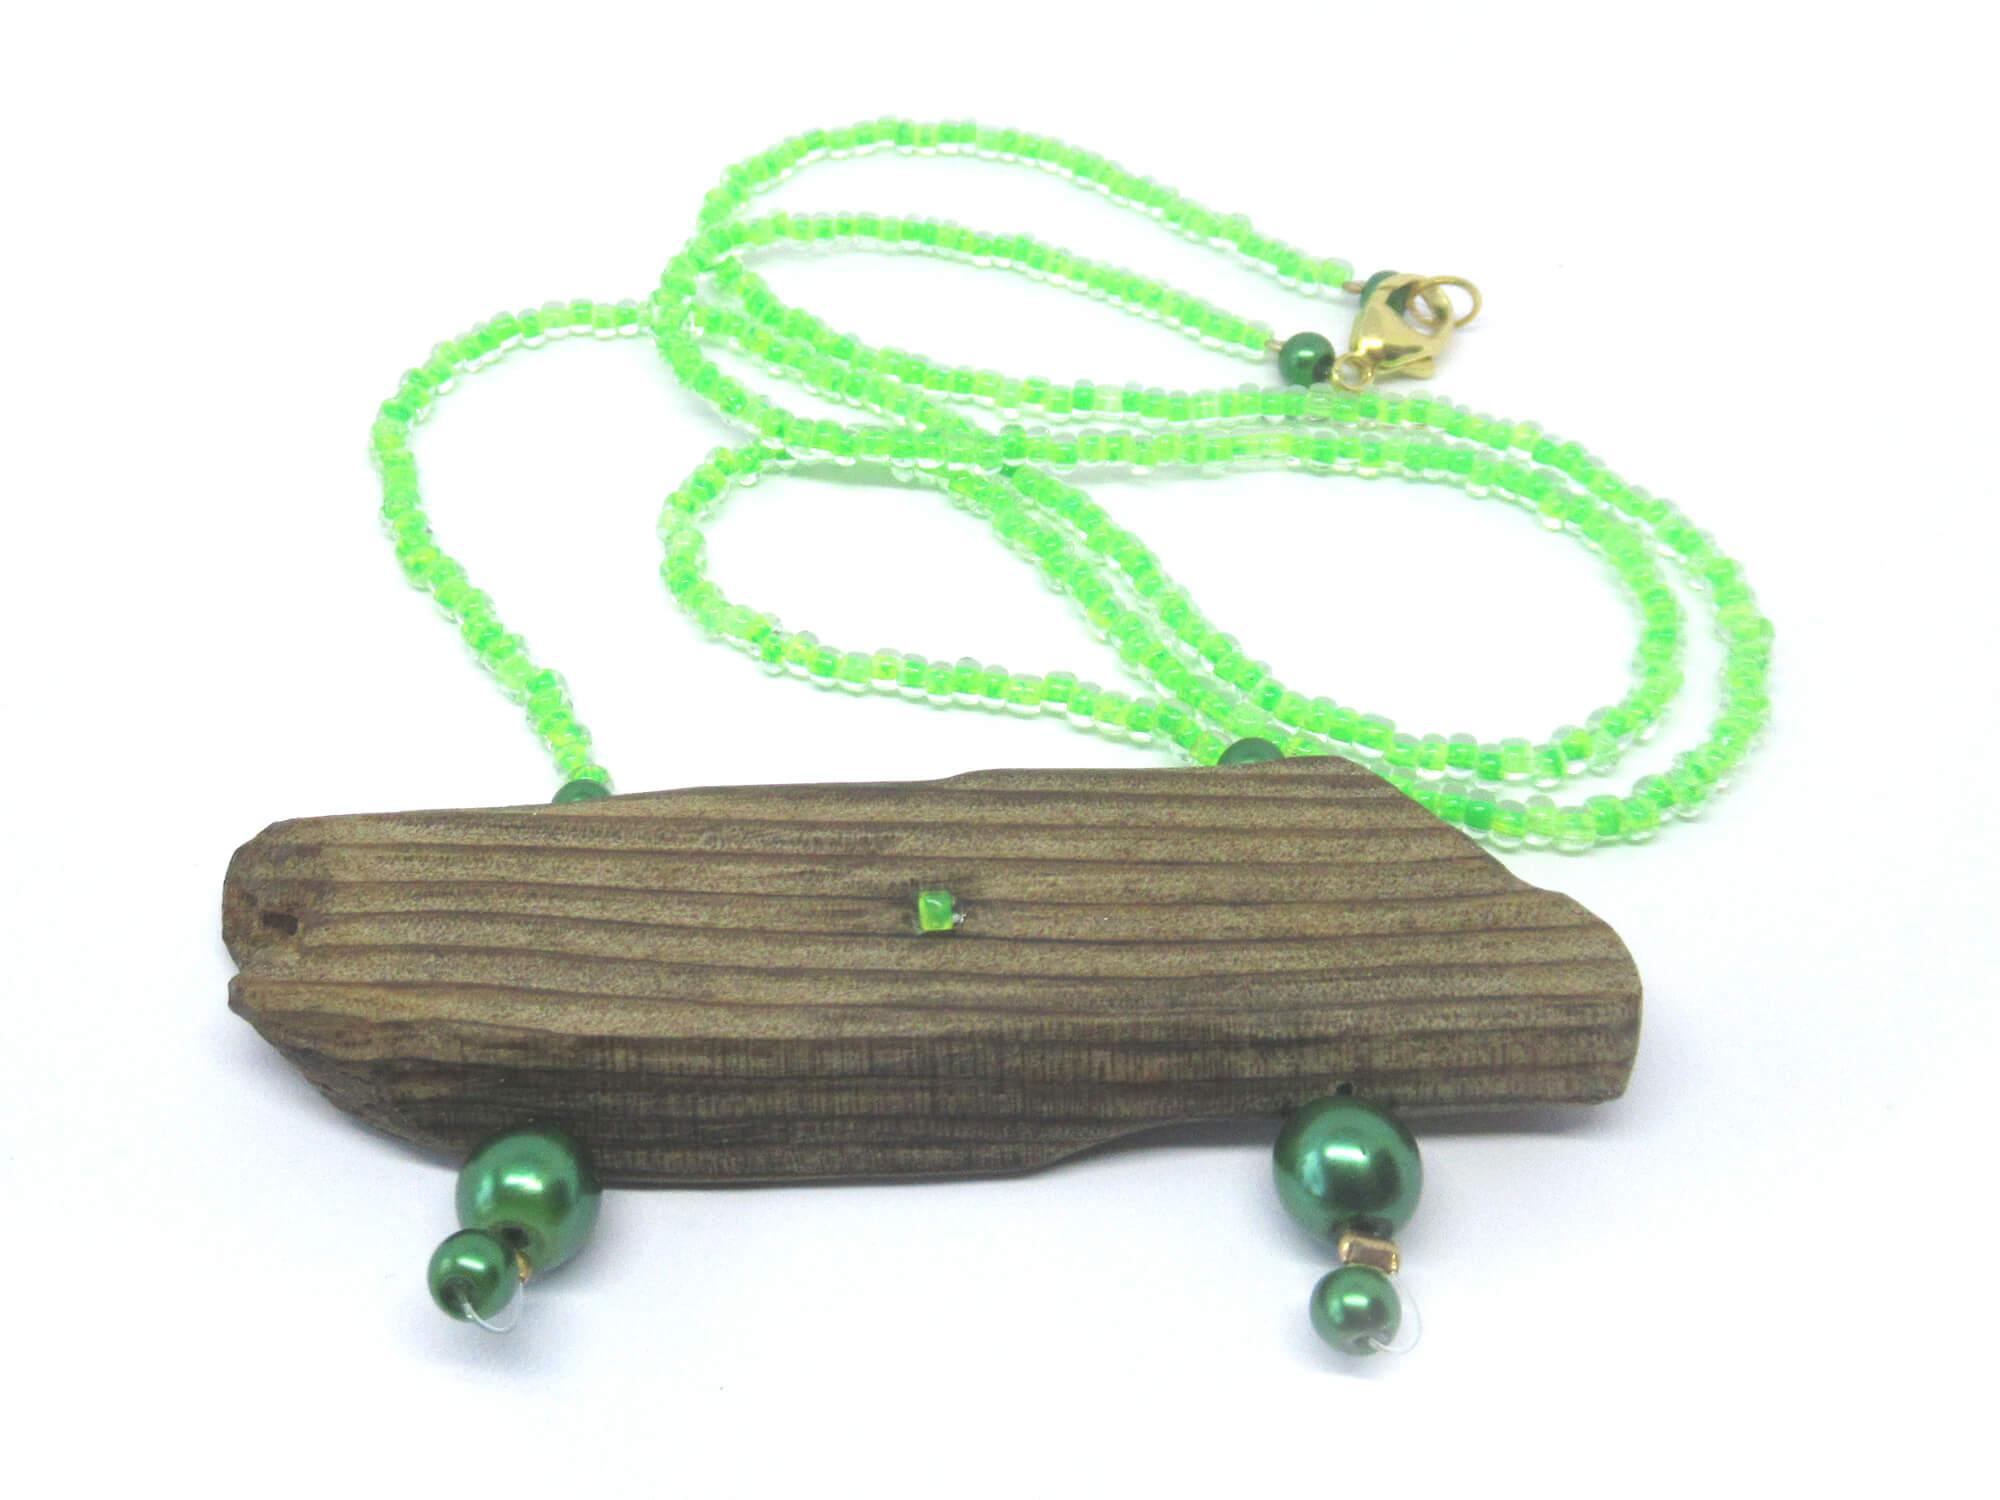 Tolle Farbkombination vom brauenen Treibholz und grünen Miniperlen.